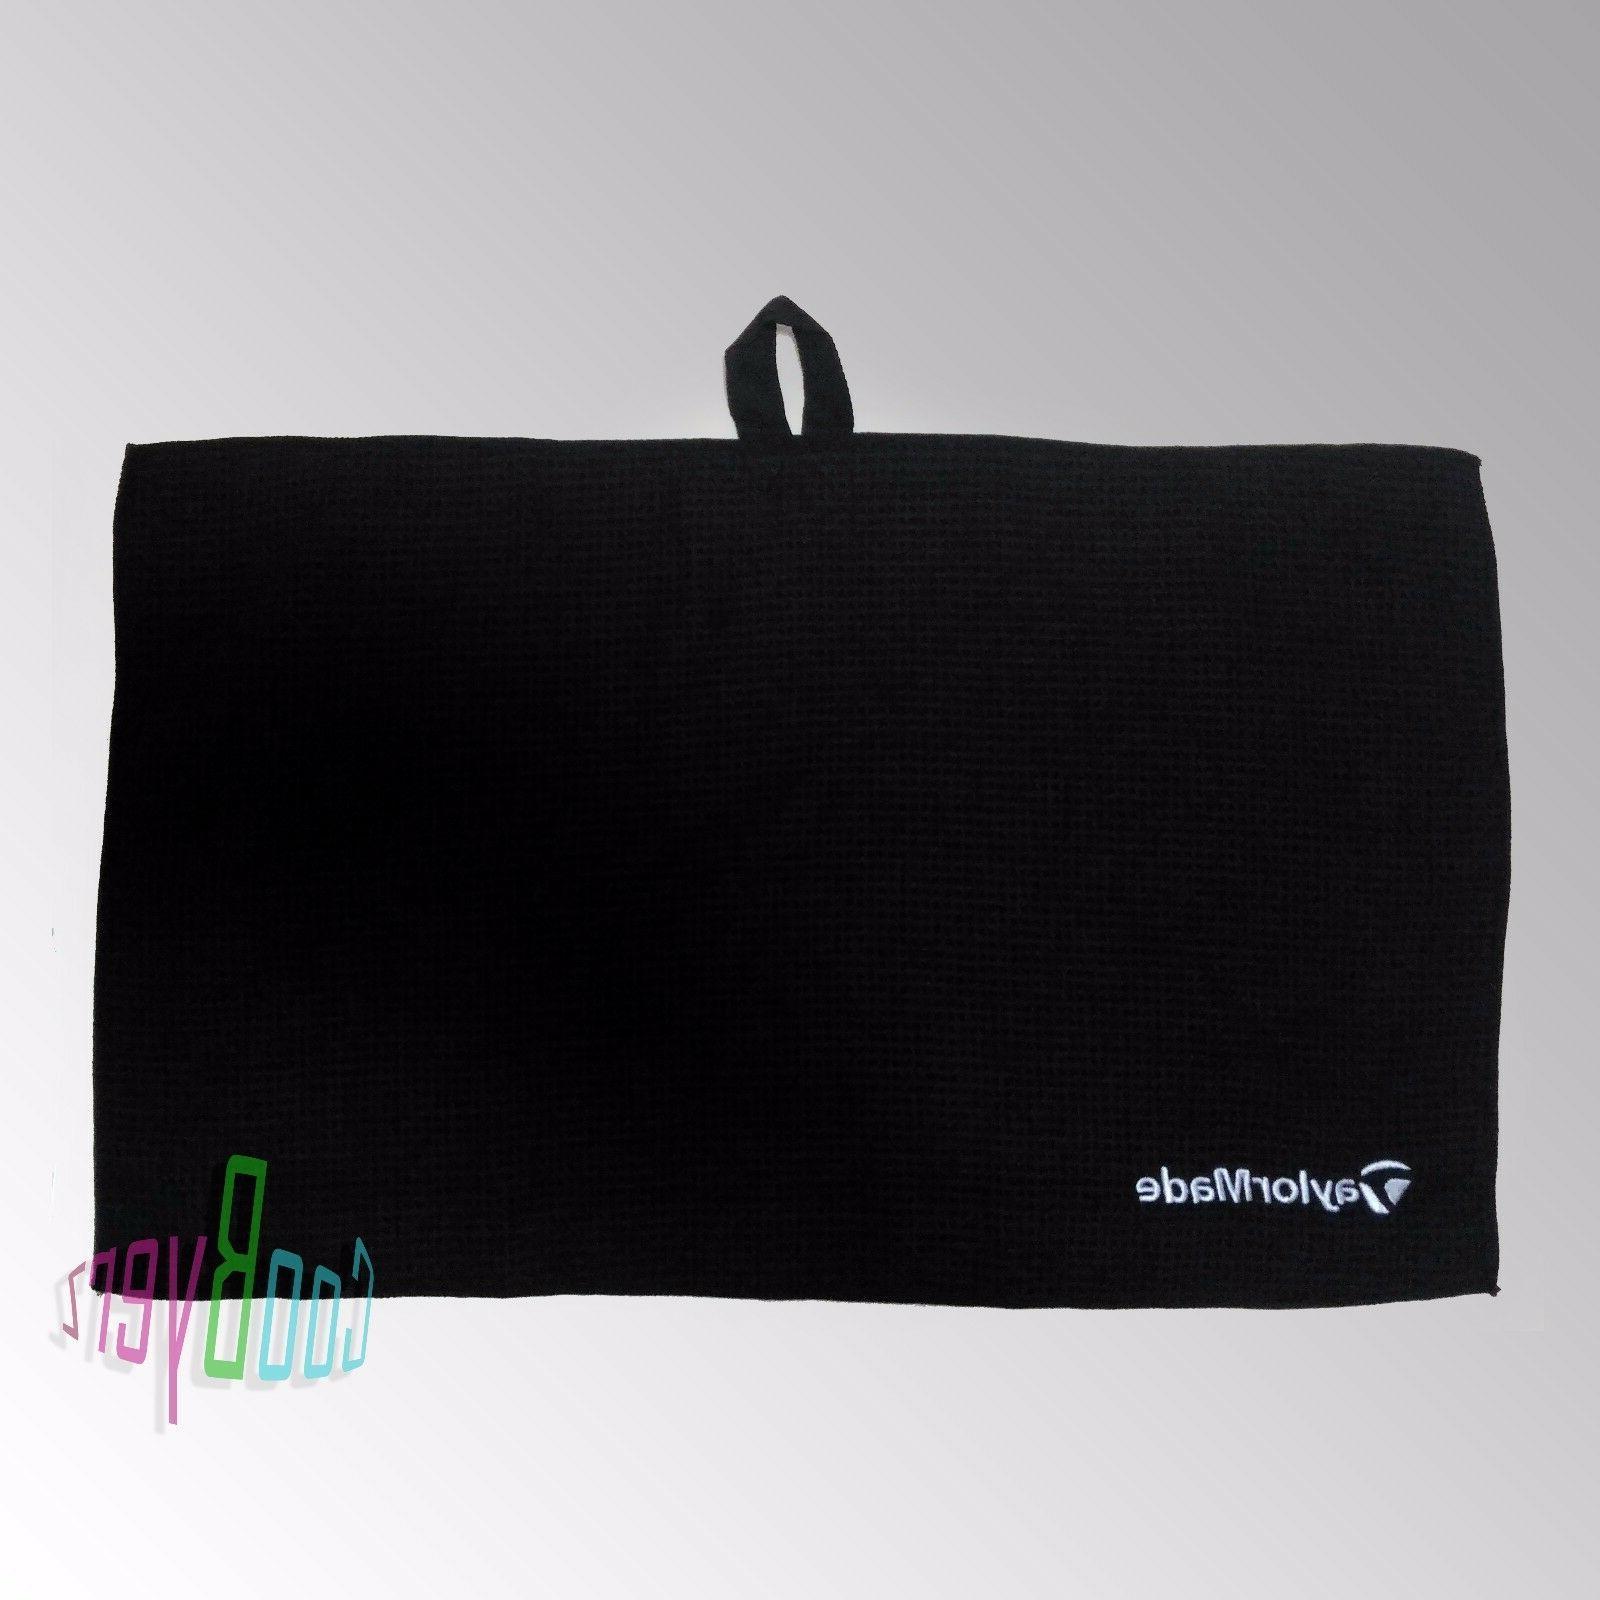 new taylormade golf bag cart player microfiber